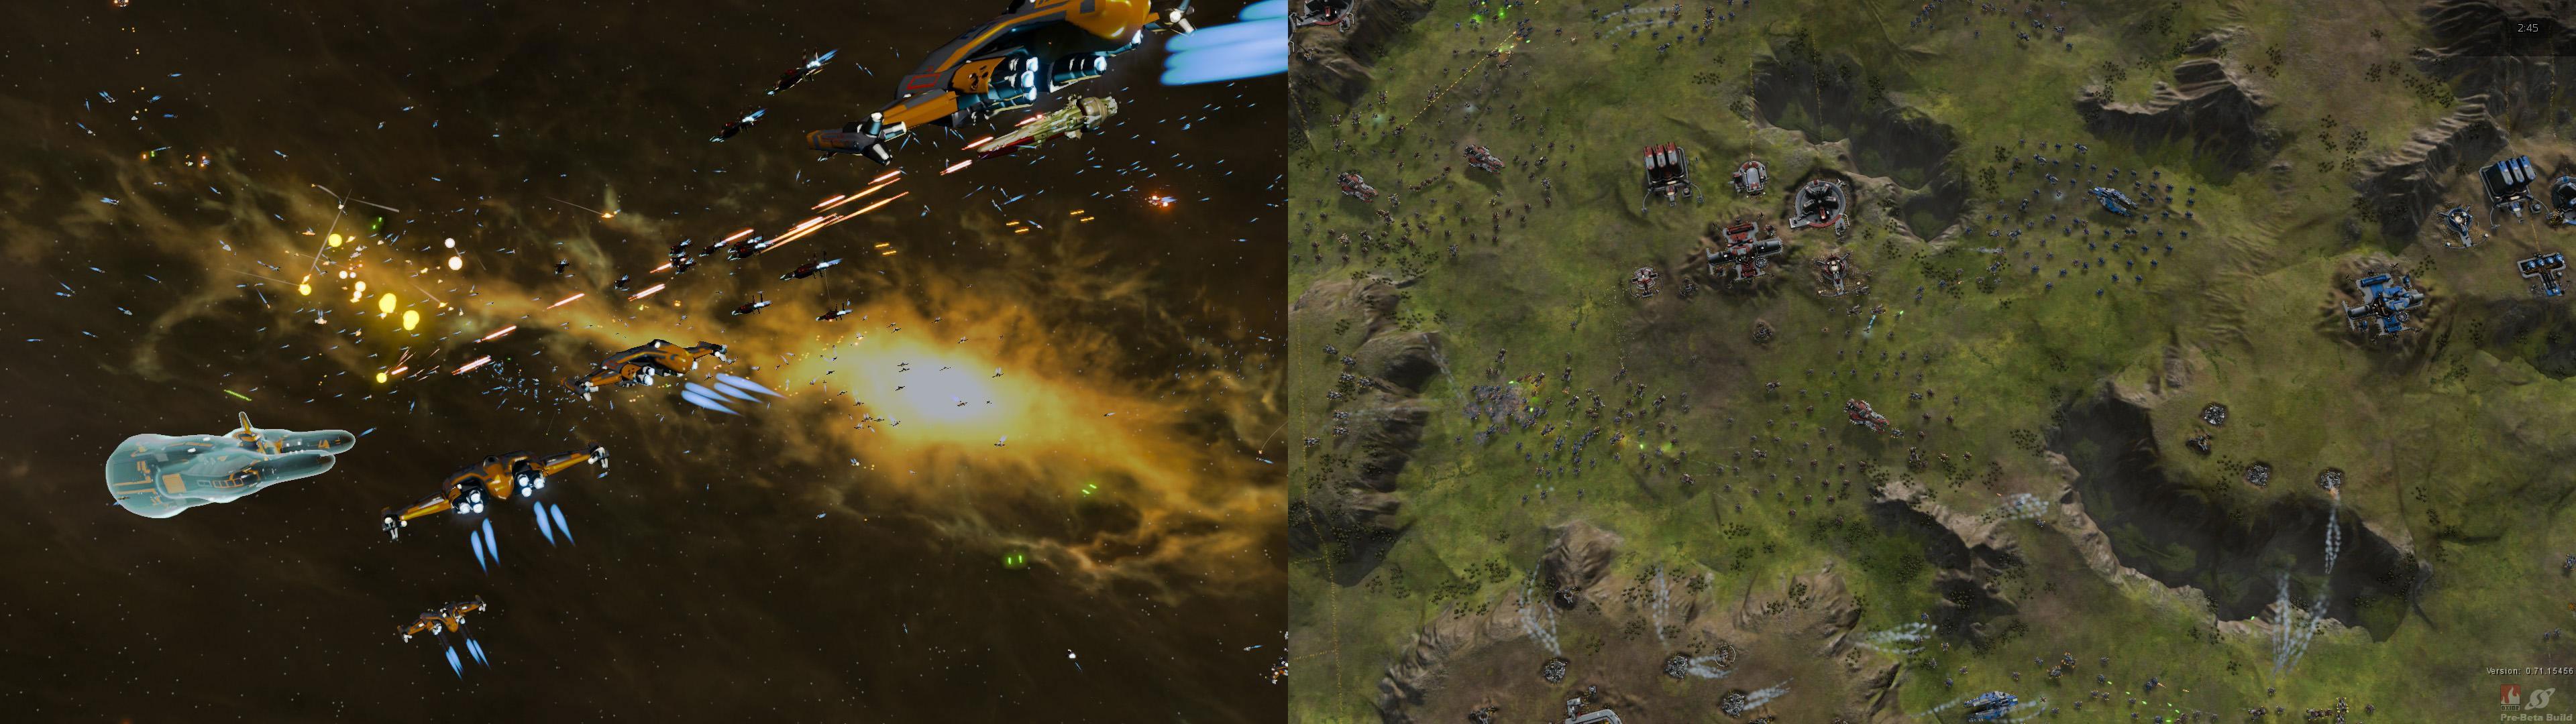 画像左が『Star Swarm』。ユニット数4000以上をうごかし、爆発・ビーム・発射光にいたるまで個別で光源処理する。画像右は本作ベンチマーク。光源処理は先と同様だ。大量ユニットの管理・描画に特化した。